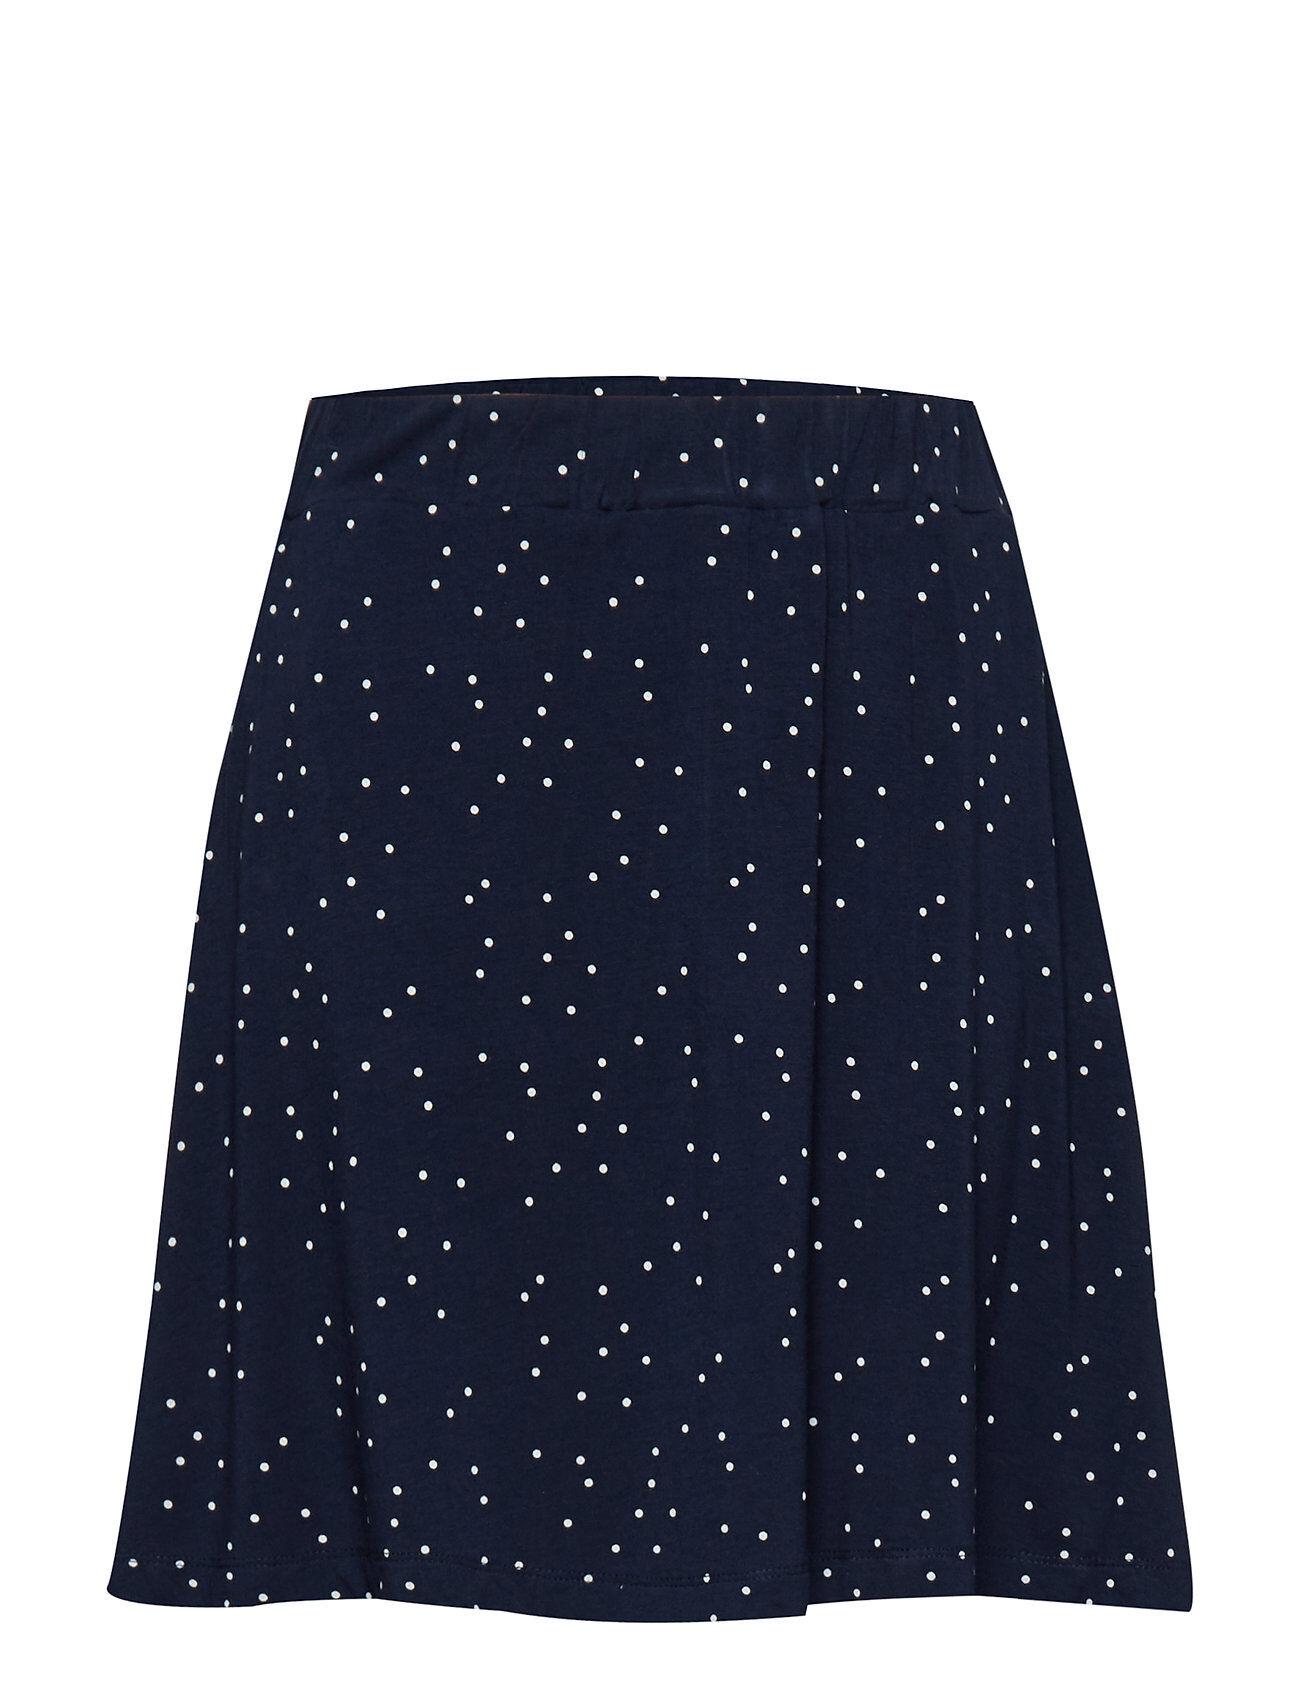 The New Kisa Skirt